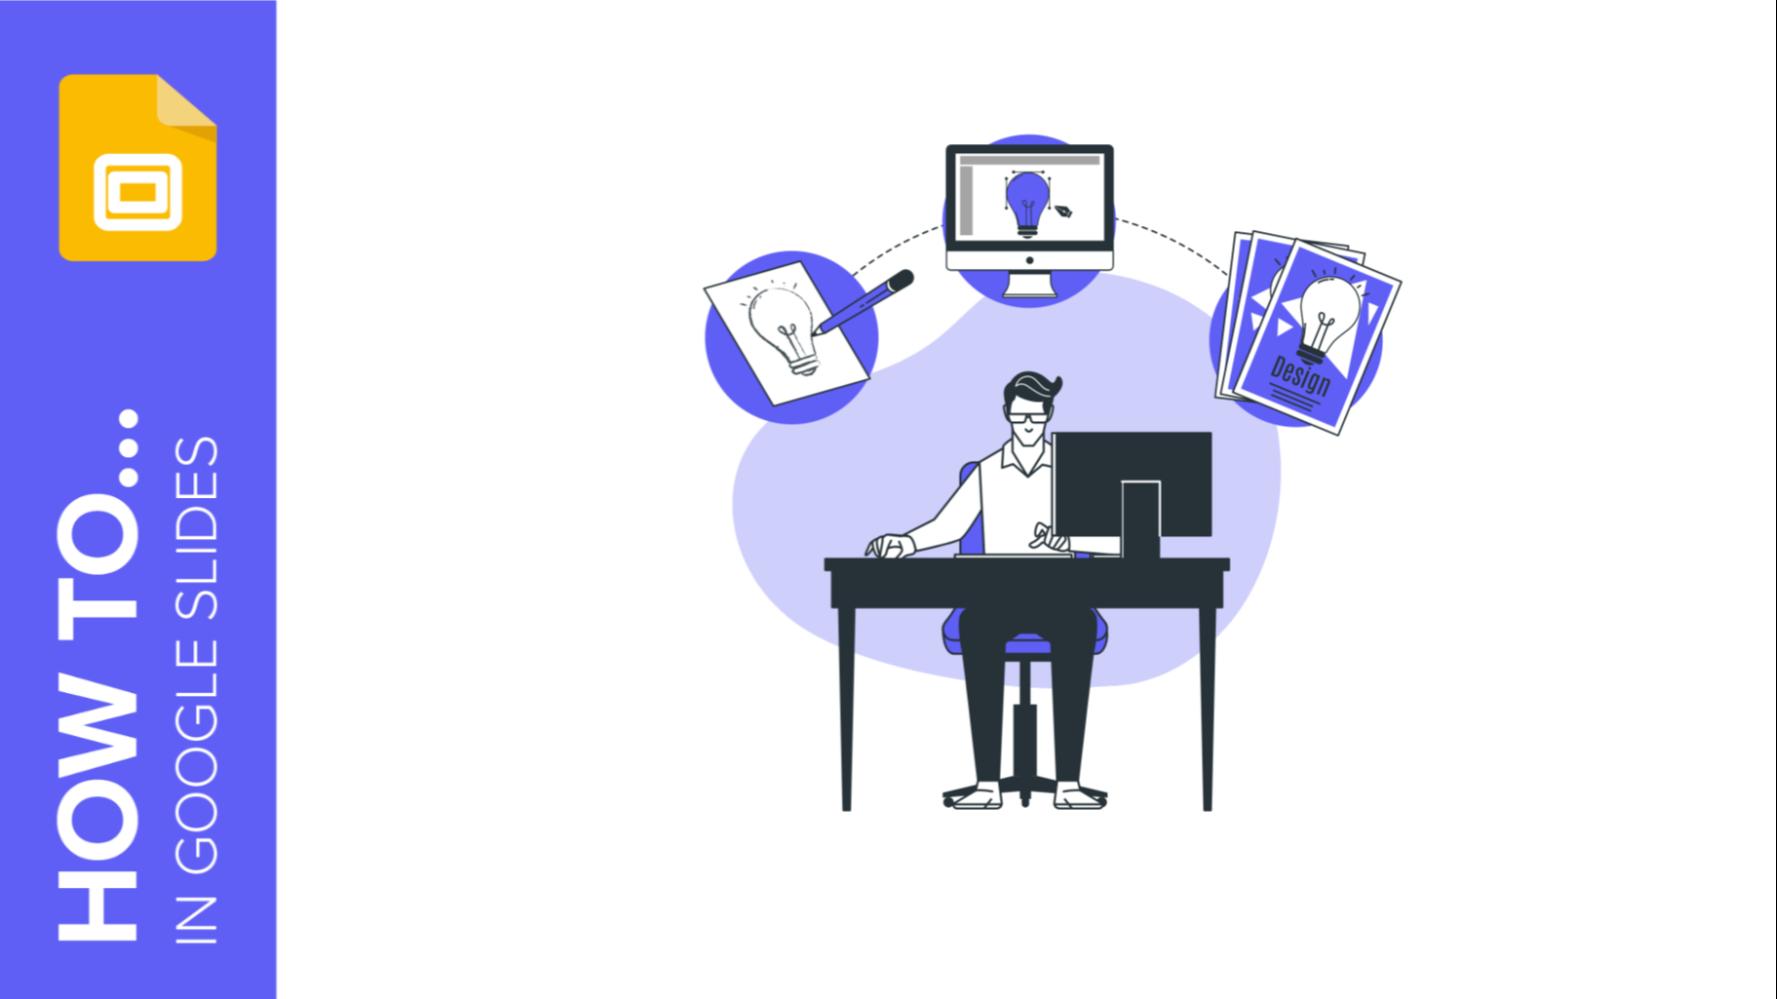 How to make a flyer with Google Slides | Schnelle Tipps & Tutorials für deine Präsentationen